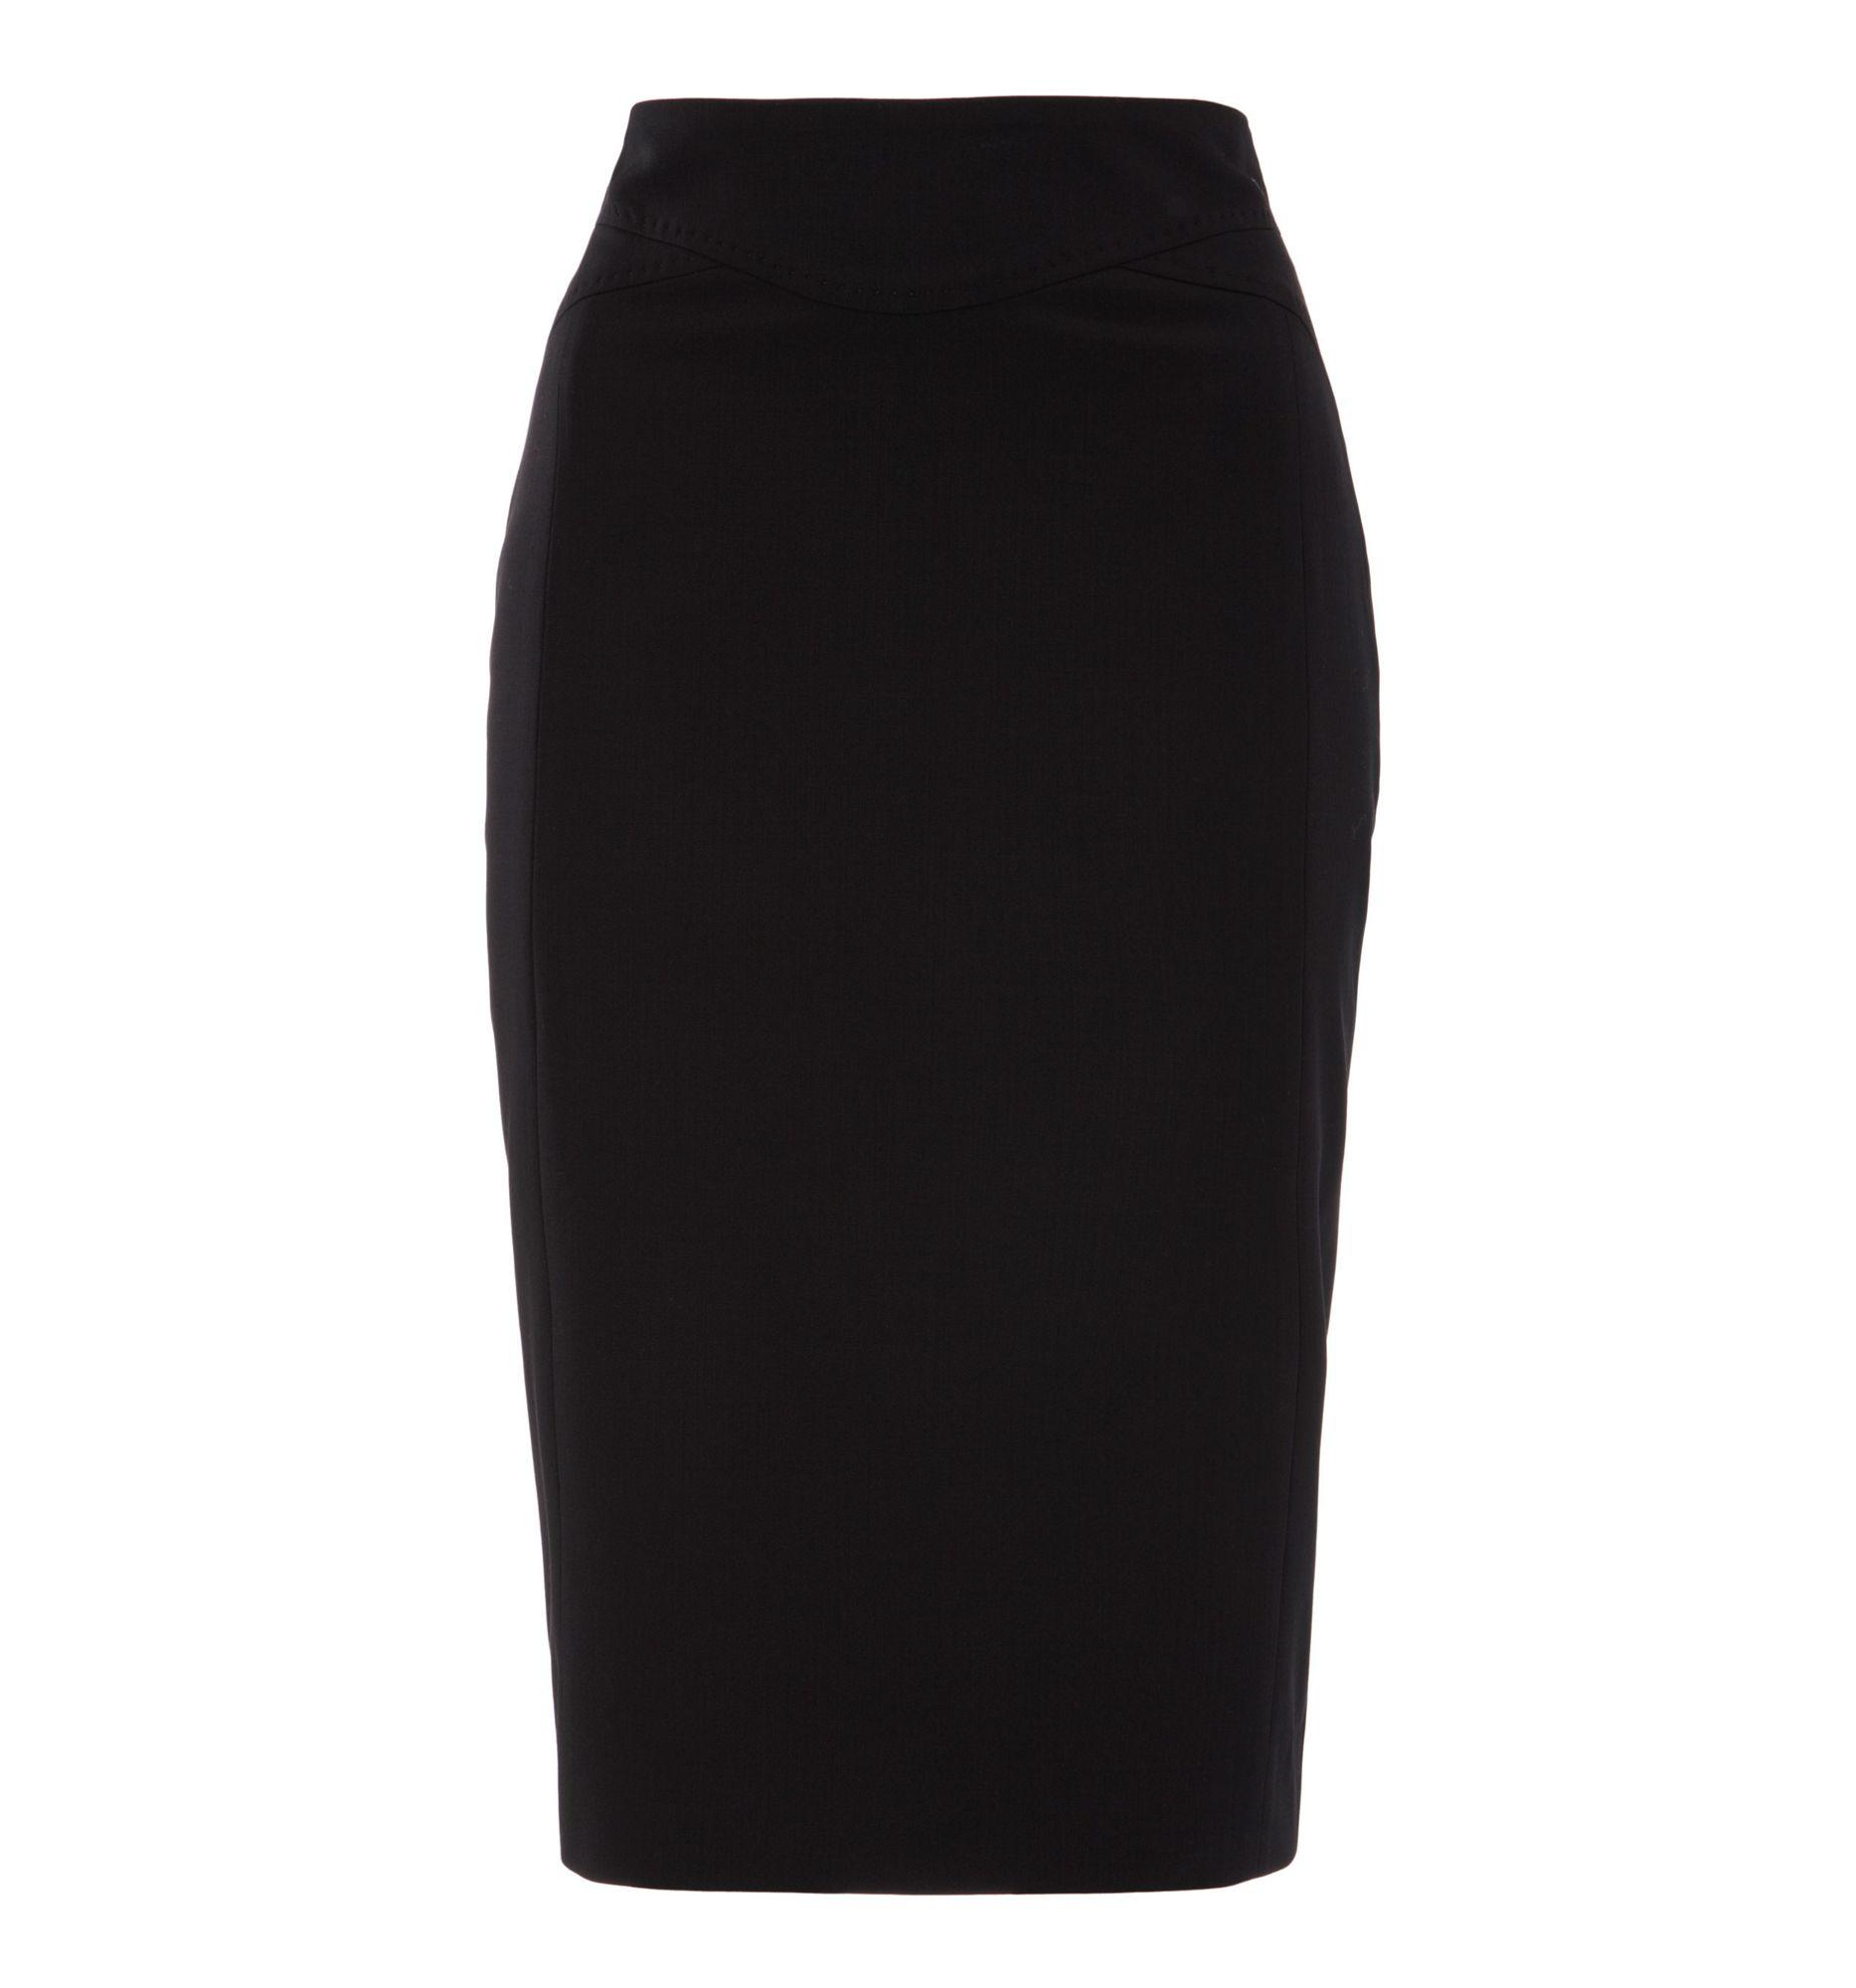 hobbs farrah skirt in black lyst